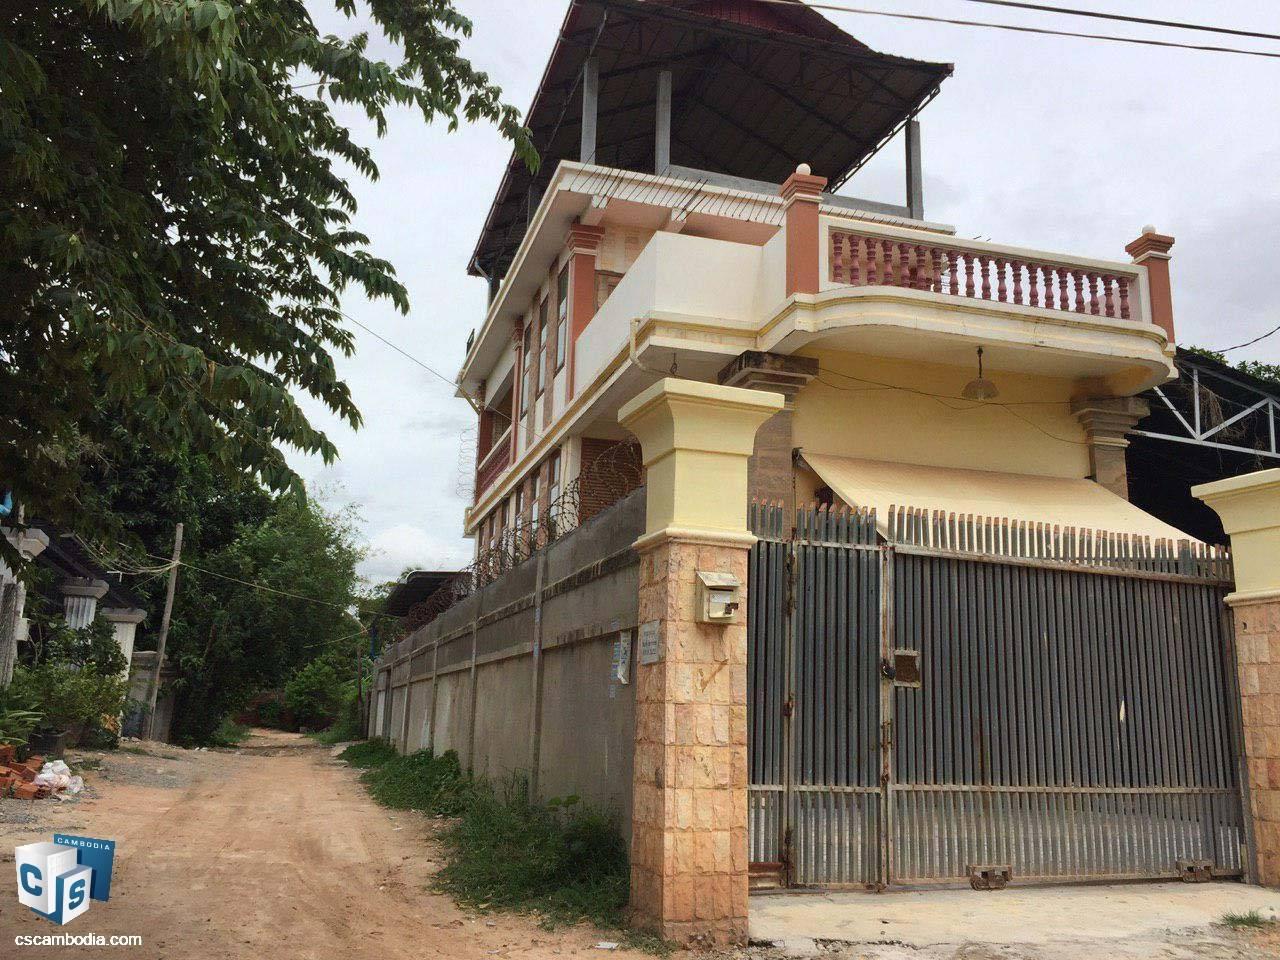 3 Bedroom House – For Sale – Svay Dangkum – Siem Reap